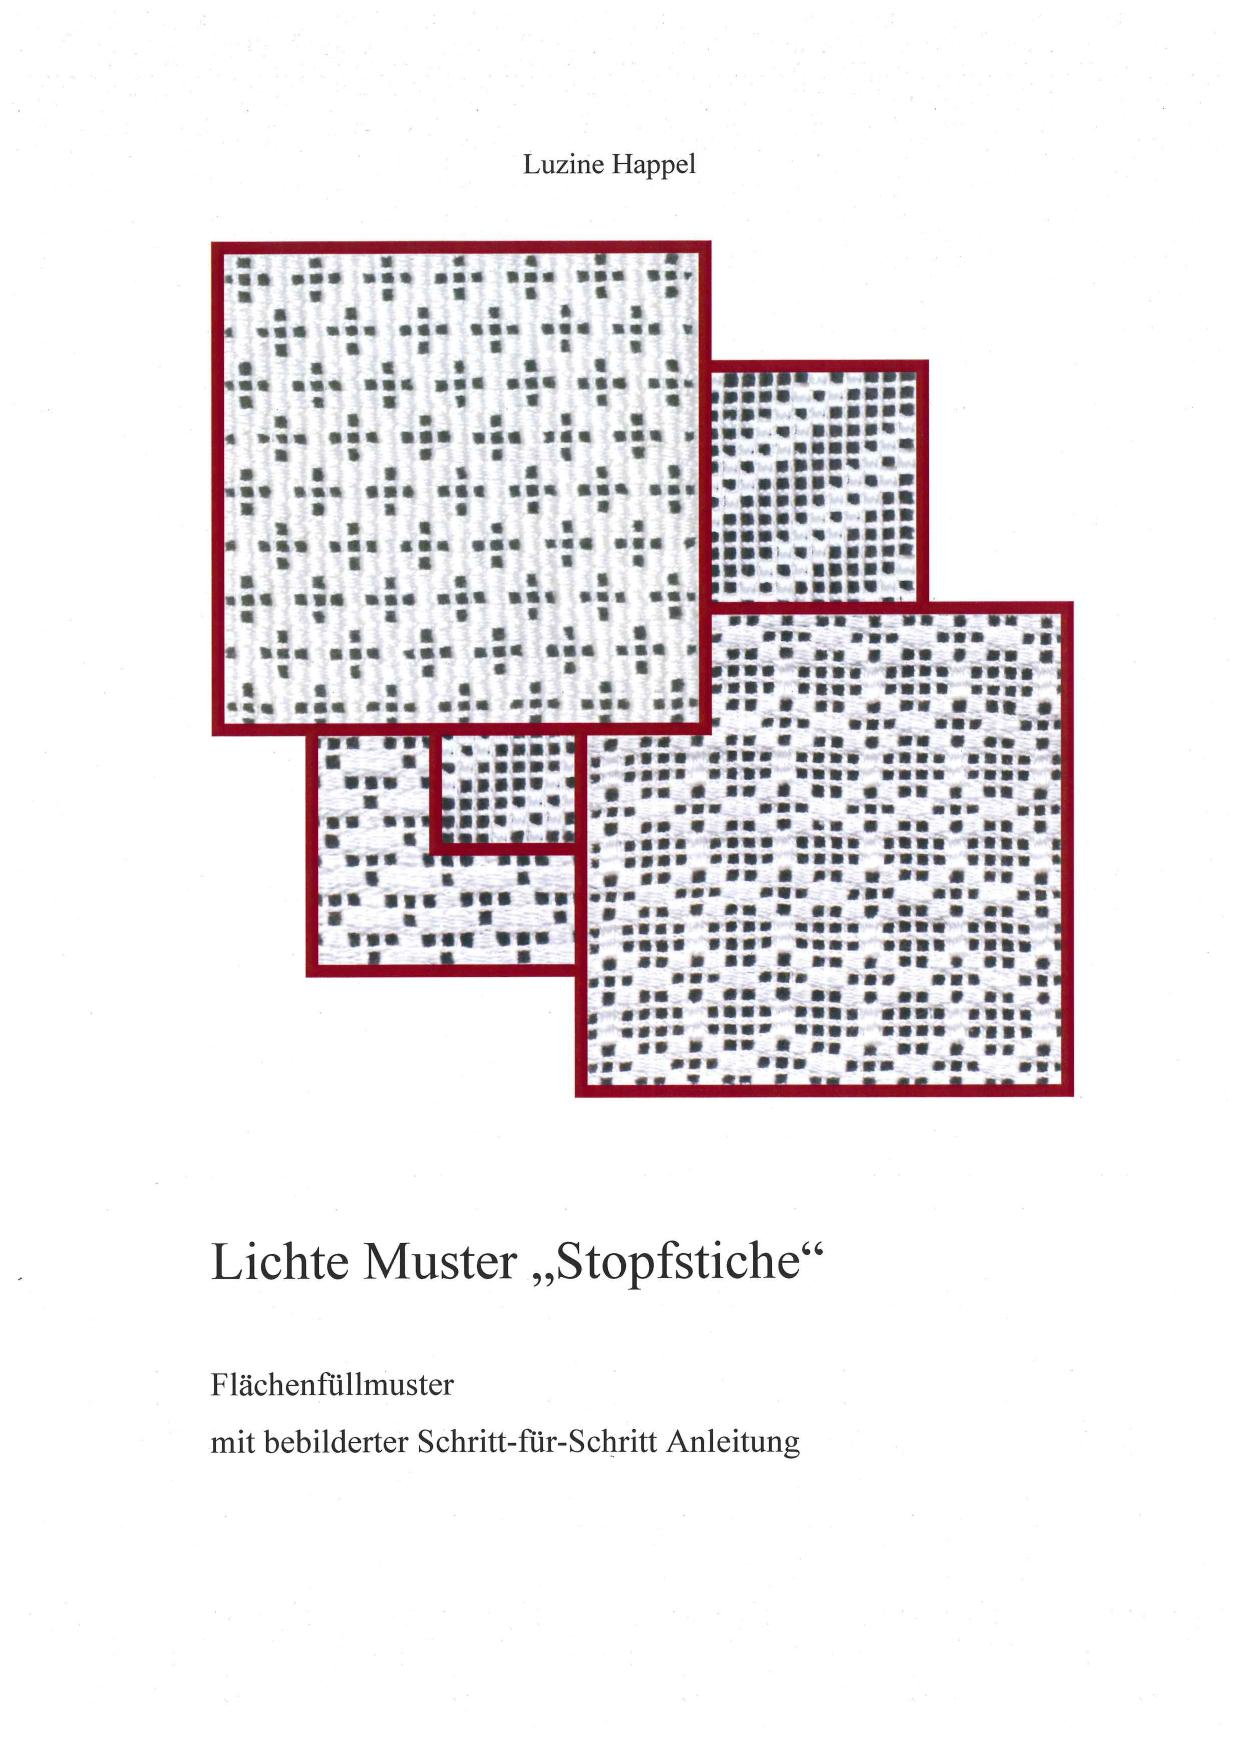 """Lichte Muster """"Stopfstiche"""" 1 / 7"""